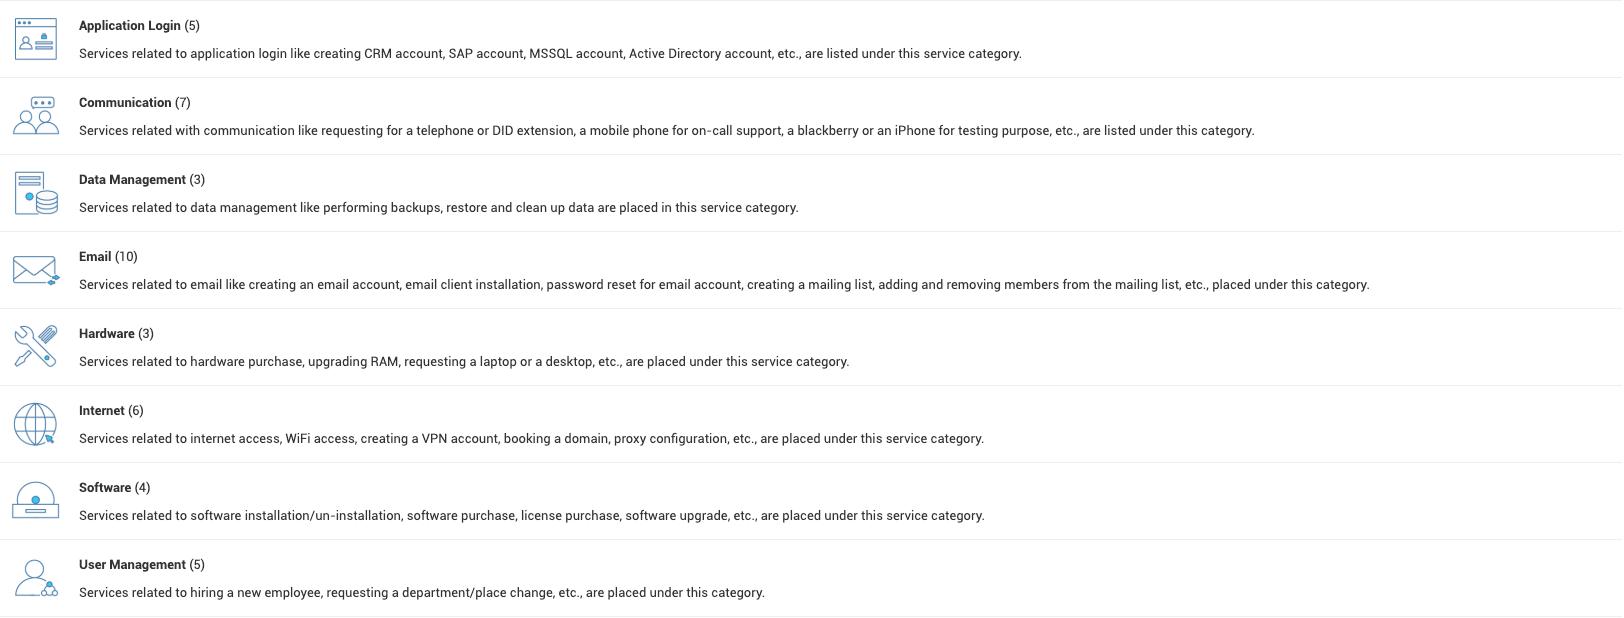 Categorías de servicios de TI en el catálogo de servicios